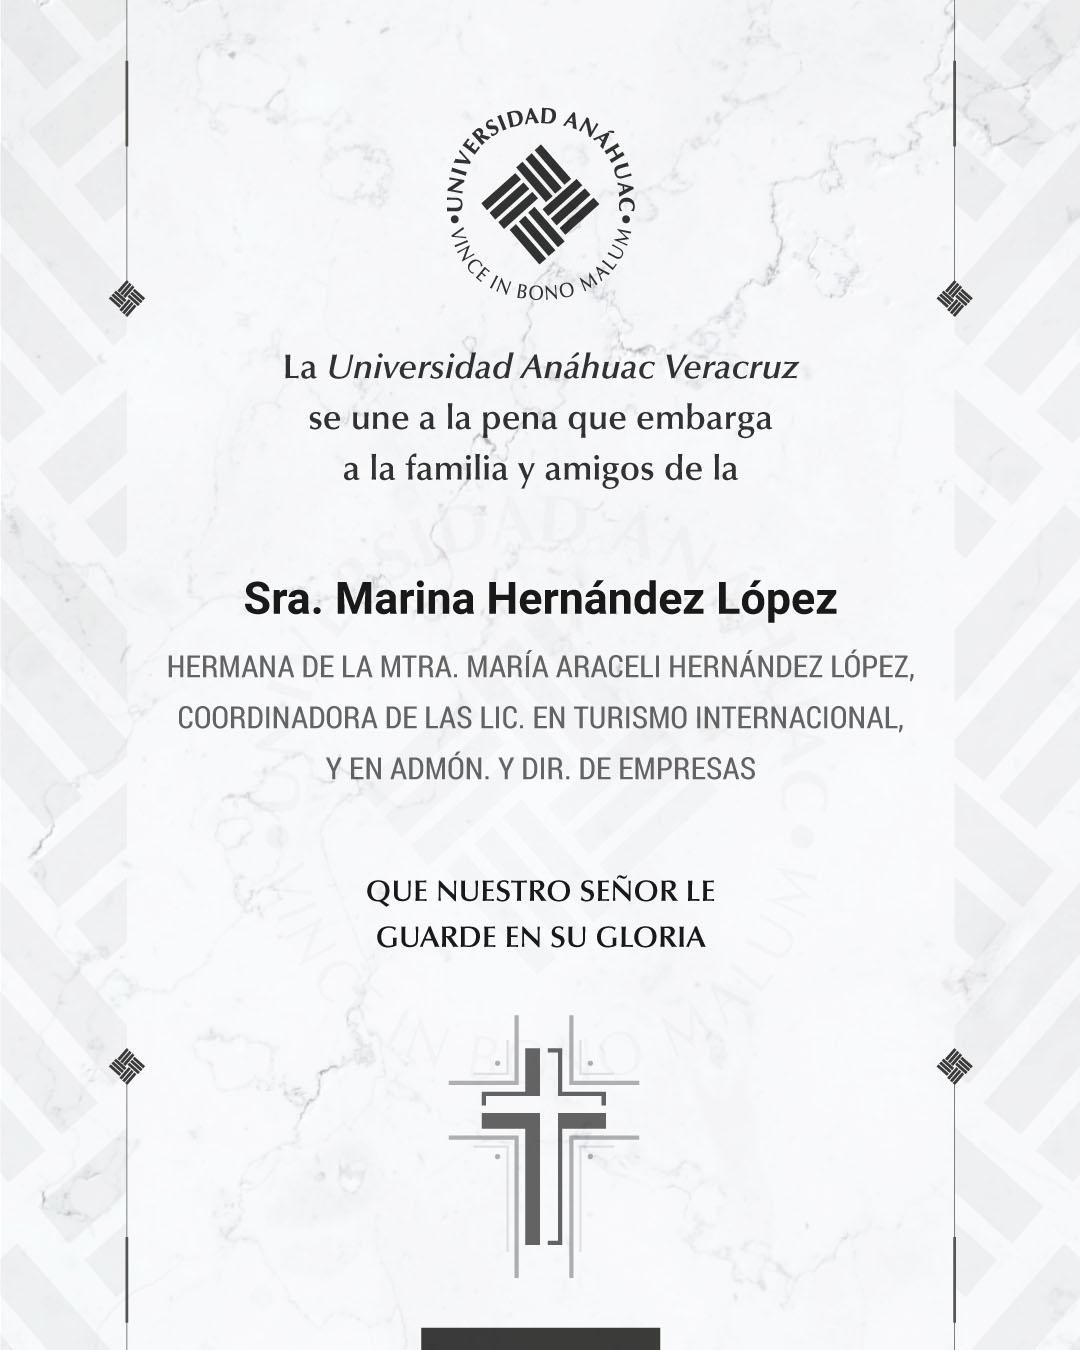 Sra. Marina Hernández López